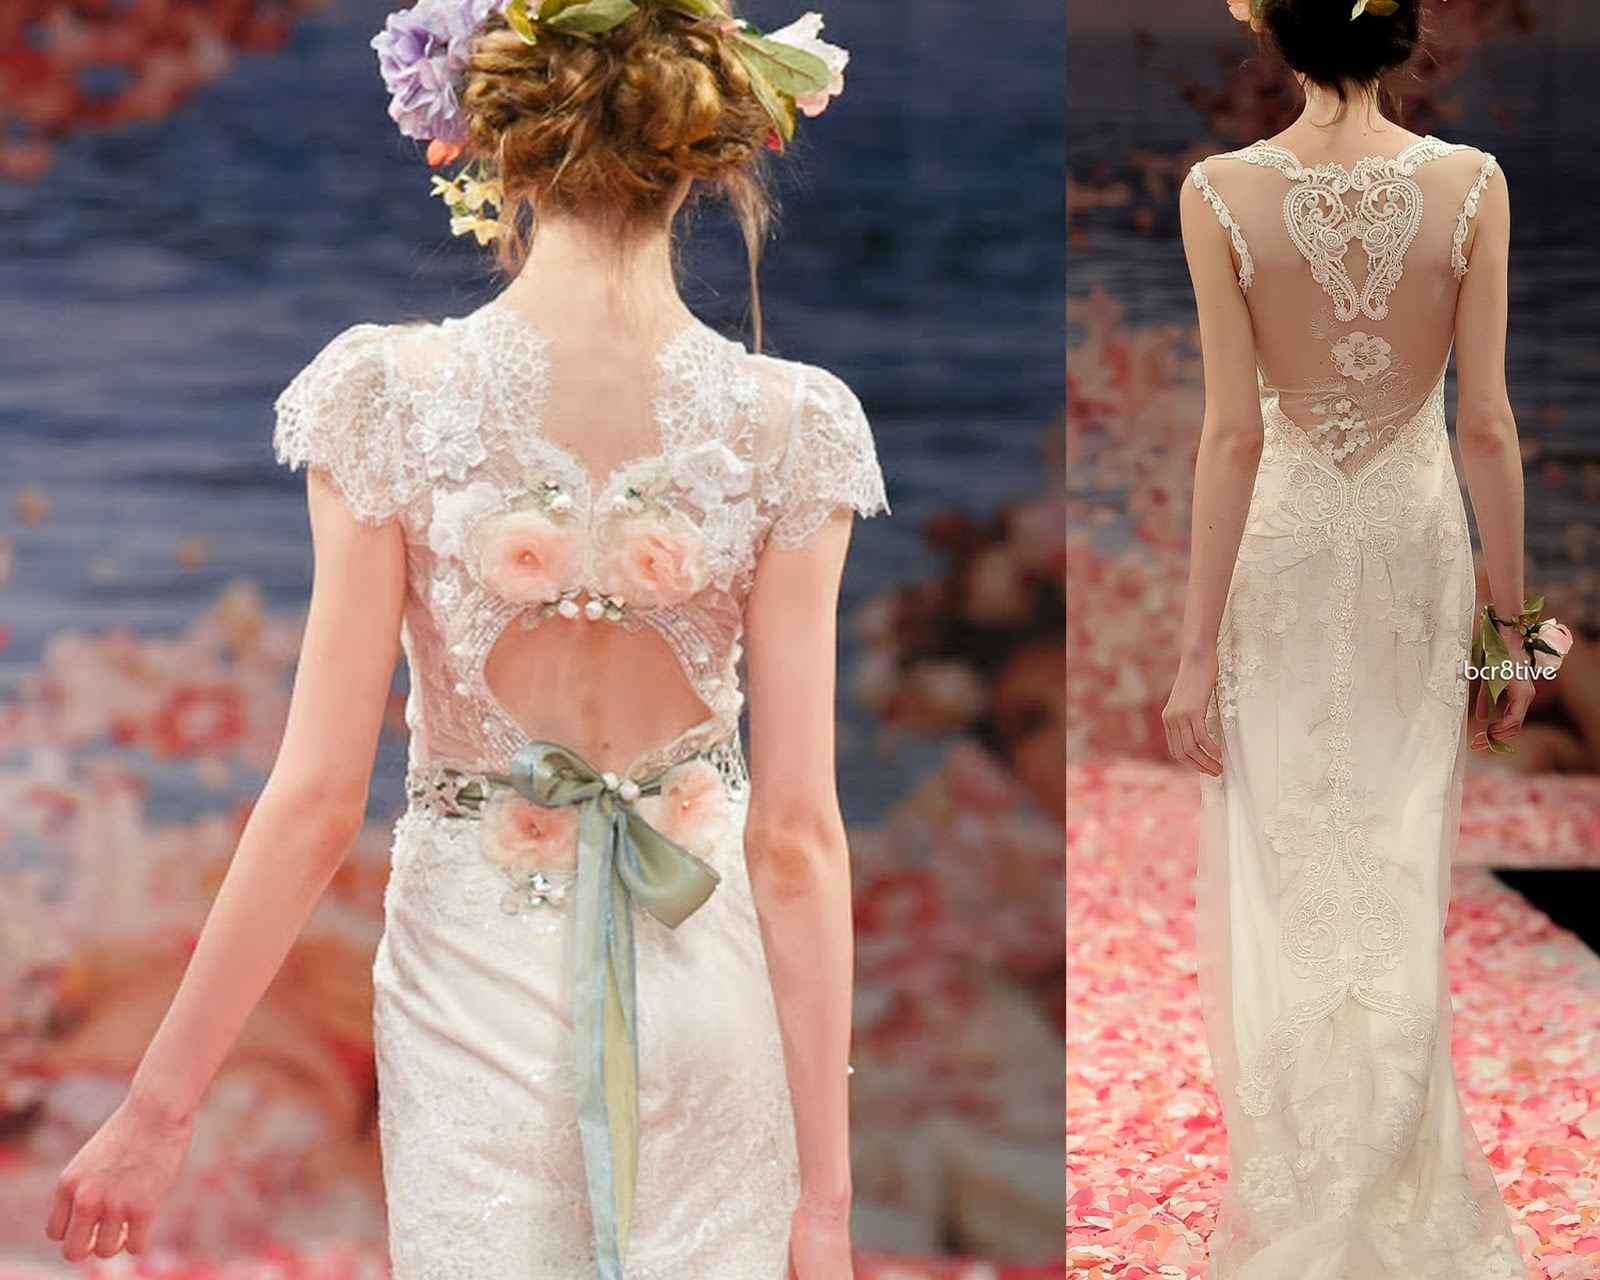 La abiti da sposa claire